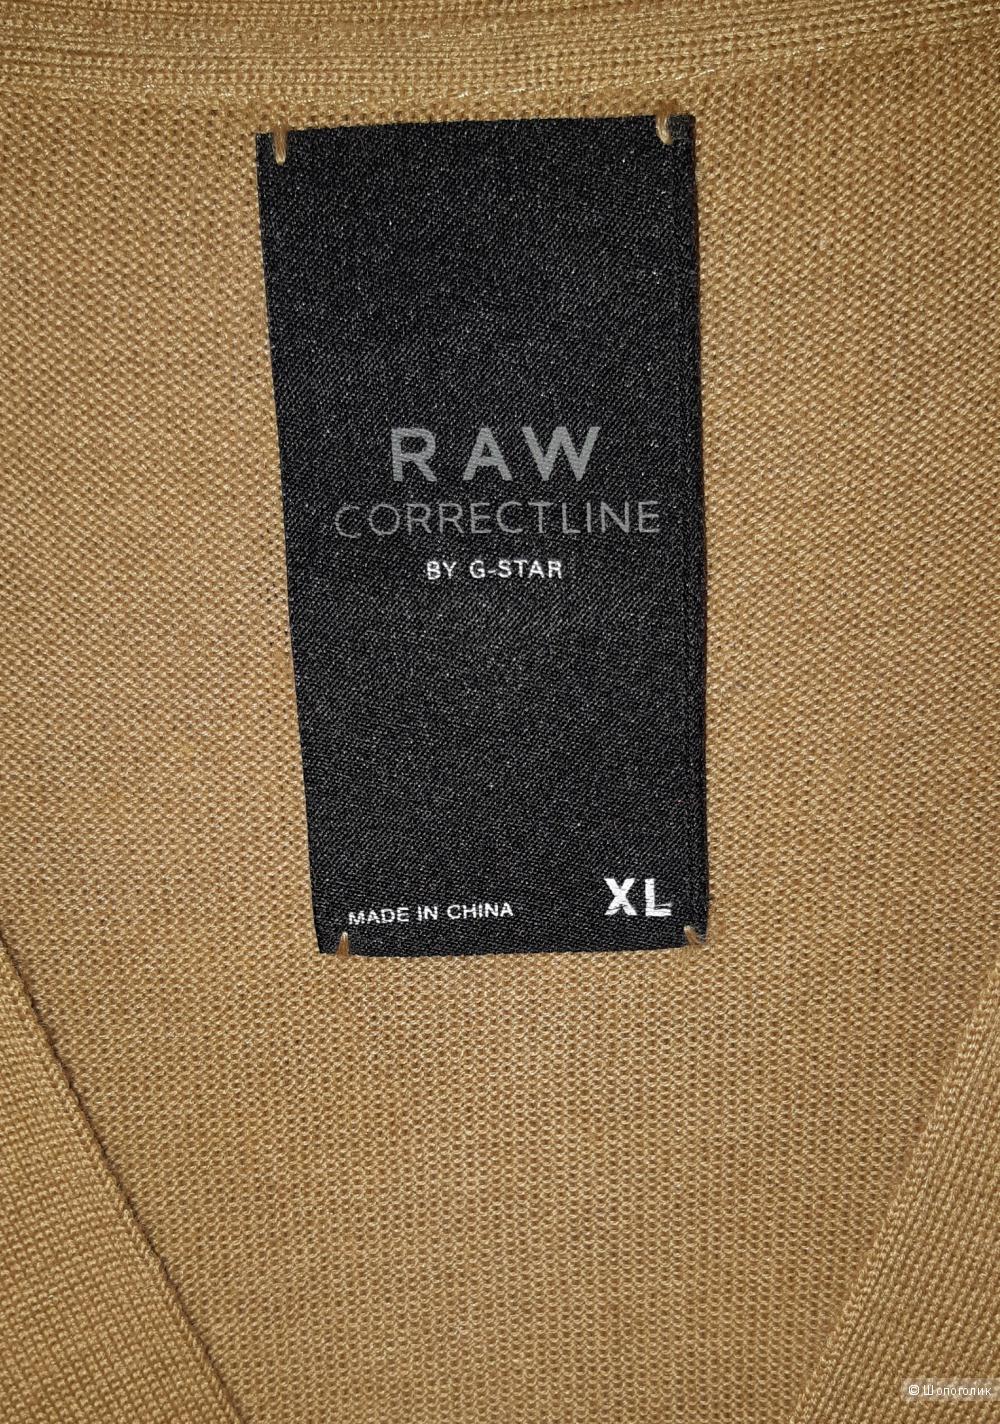 Мужской кардиган g-star raw, размер xl